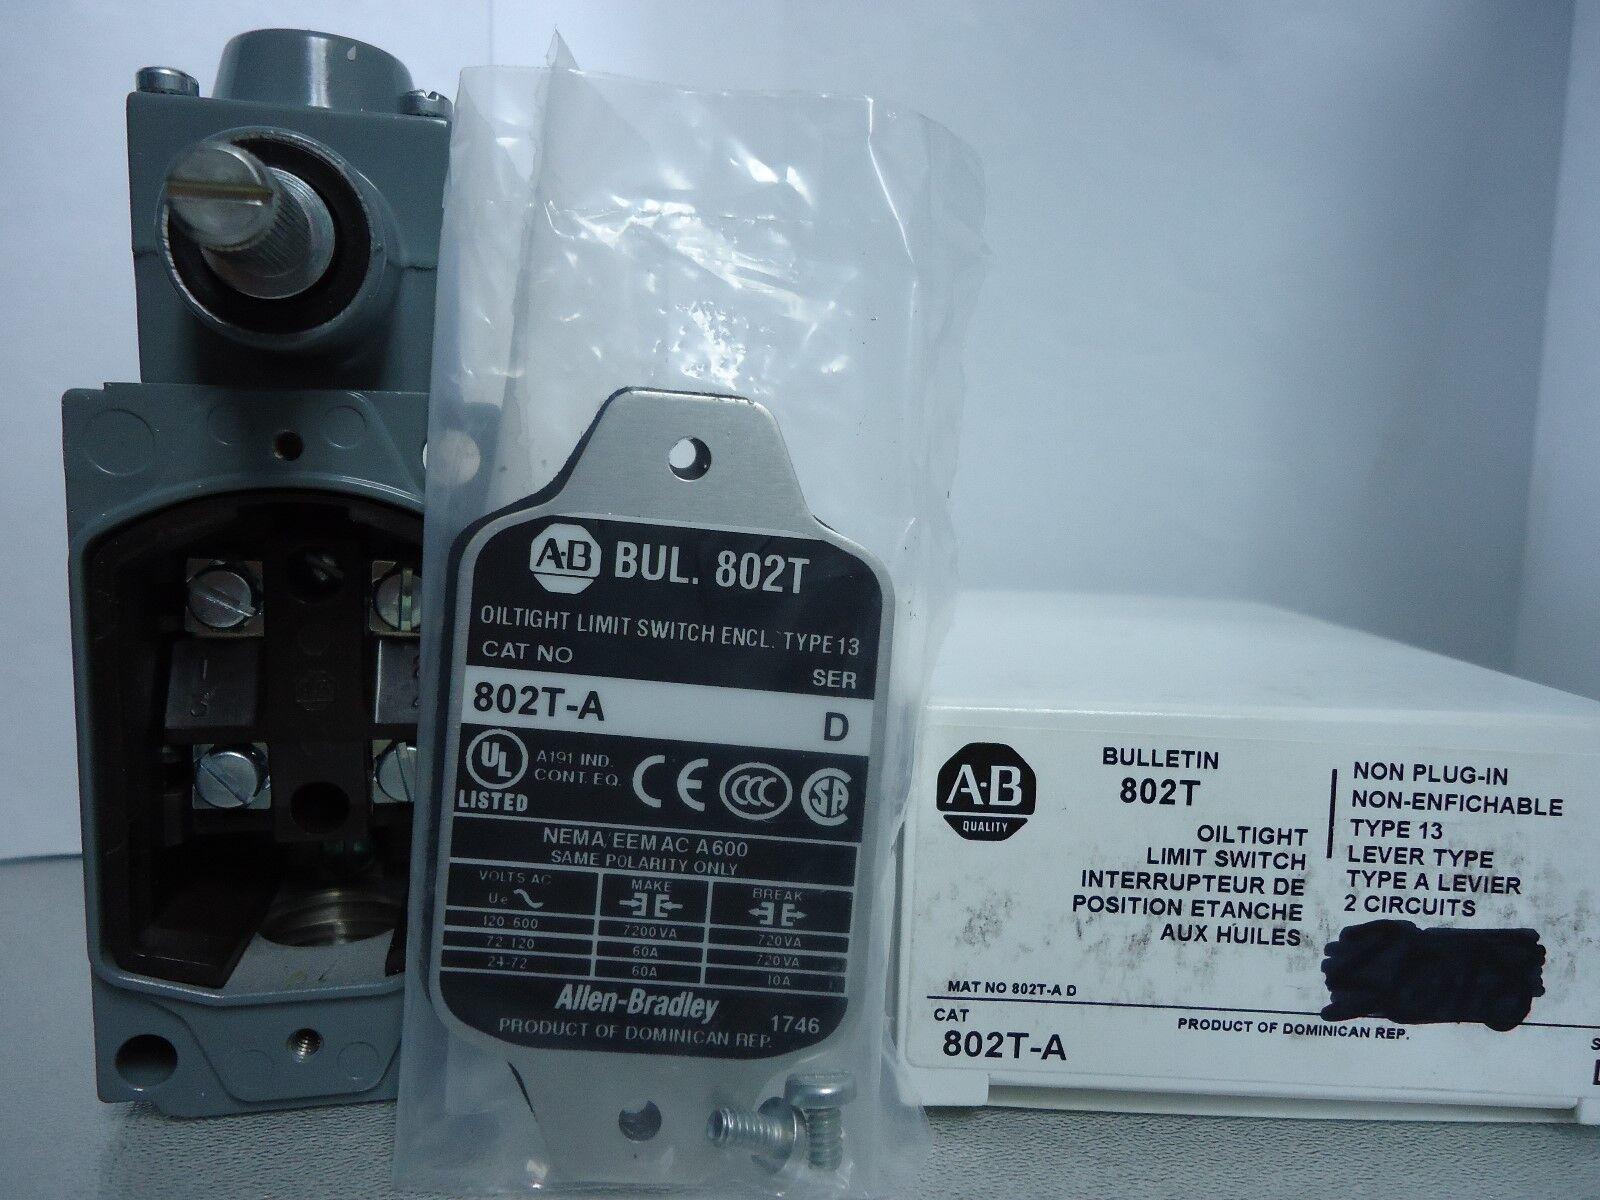 802t Limit Switch Wiring Wire Center Allen Bradley Diagram A 802ta Oiltight Series D Ebay Rh Com Ap Switches